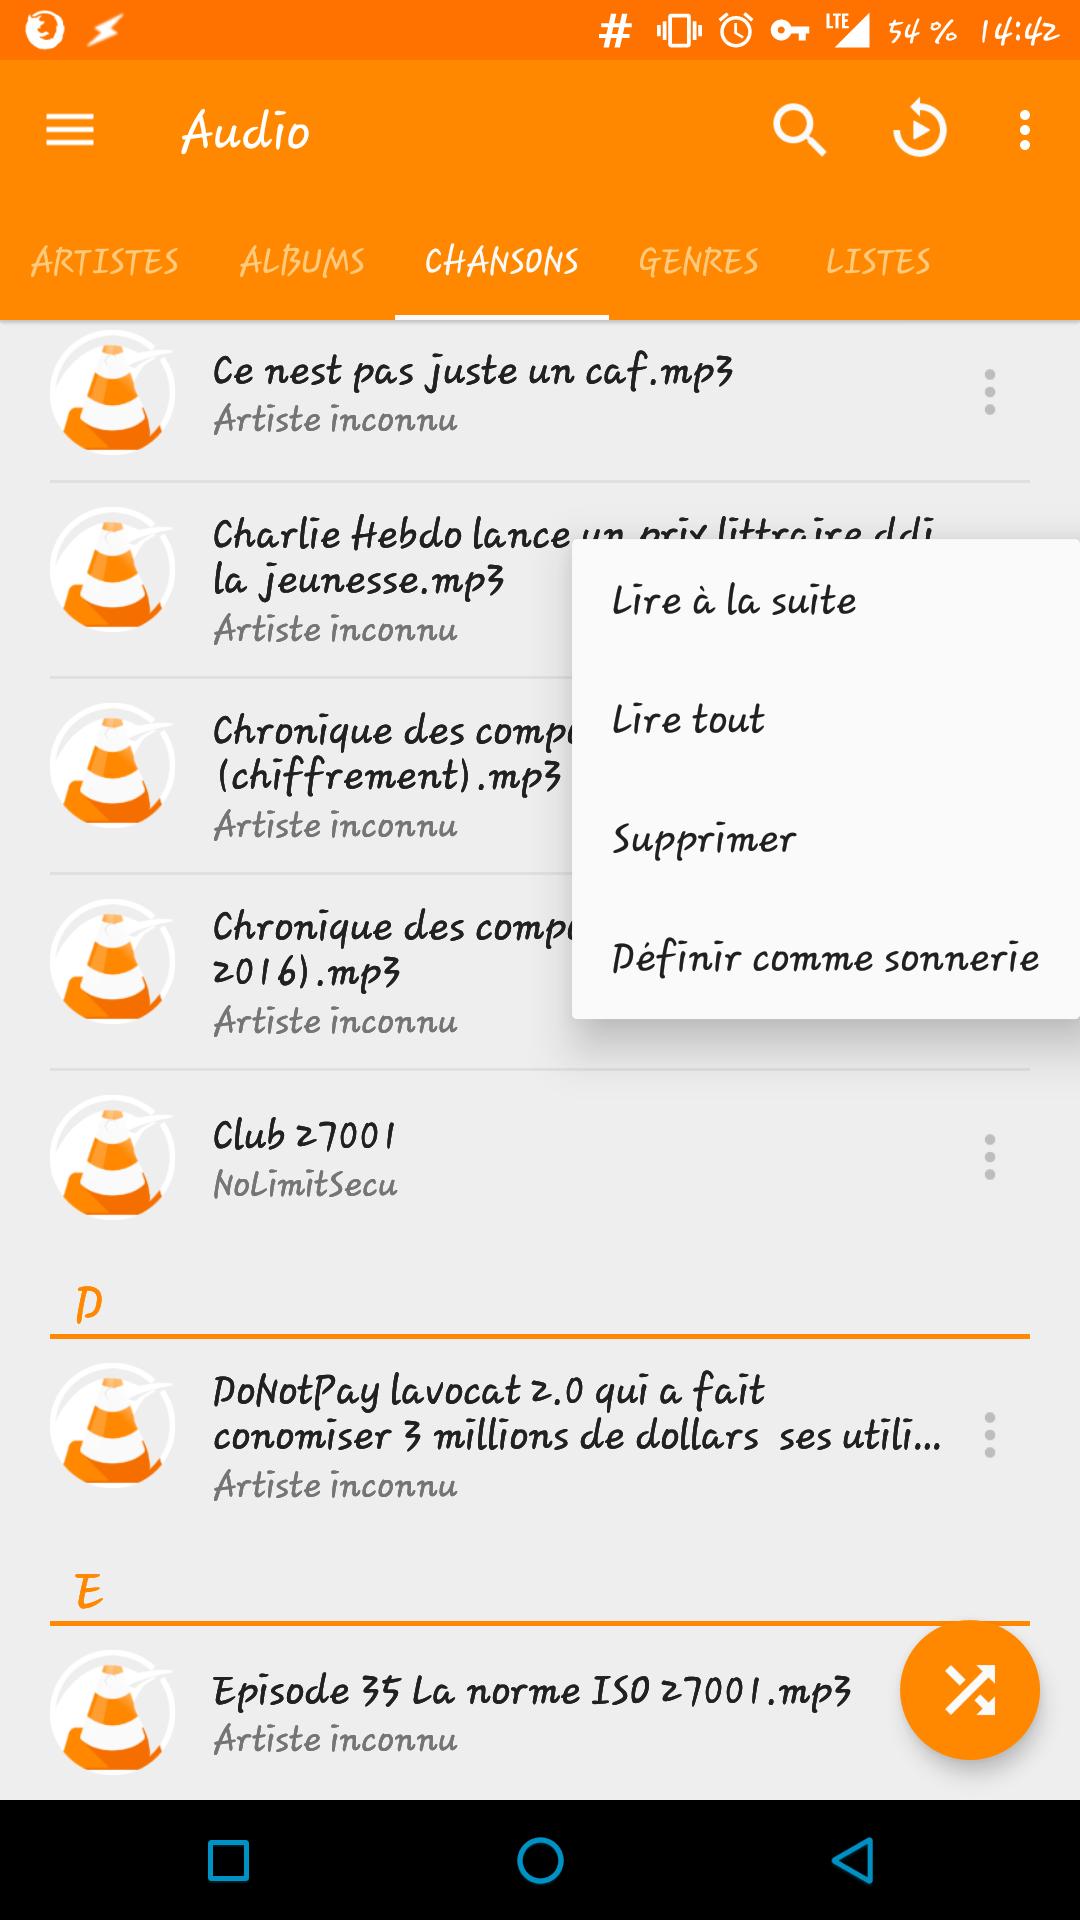 [ASTUCE] Créer une liste de lecture (playlist) avec VLC sous Android 145682351762073